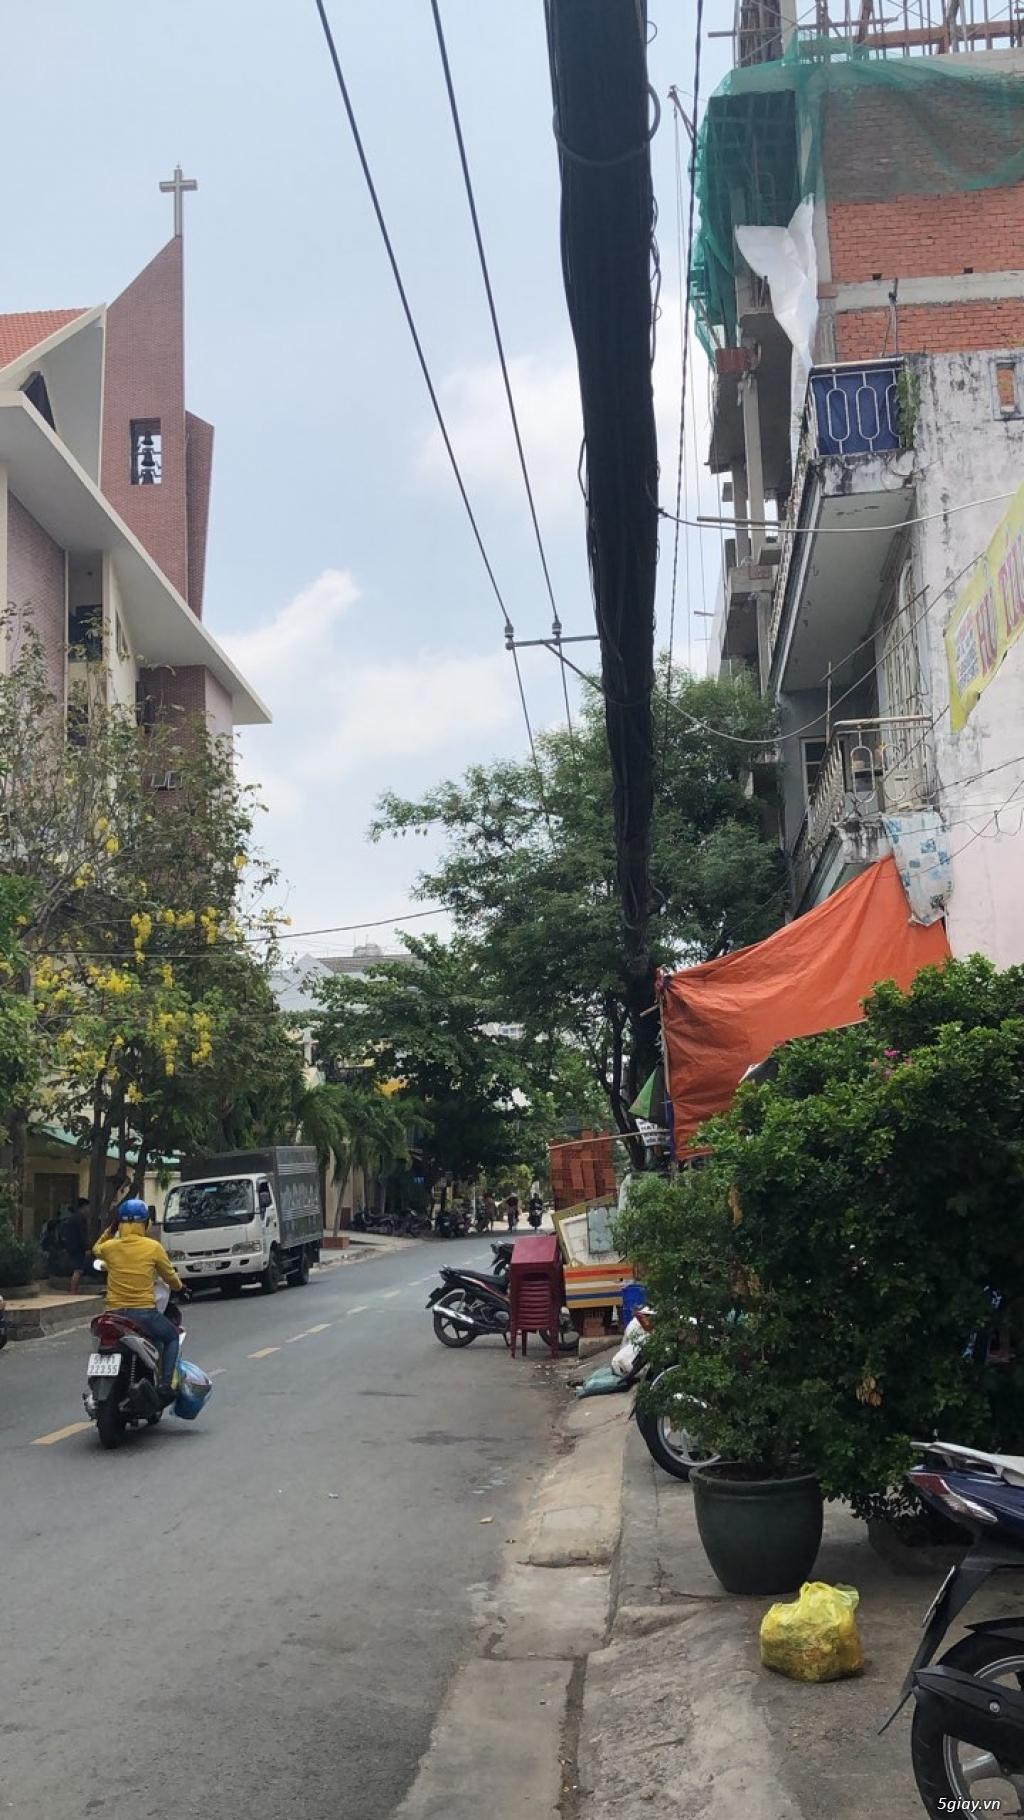 Bán nhà mặt tiền đường Phan Huy Thực, Phường Tân Kiểng, Quận 7 - 1